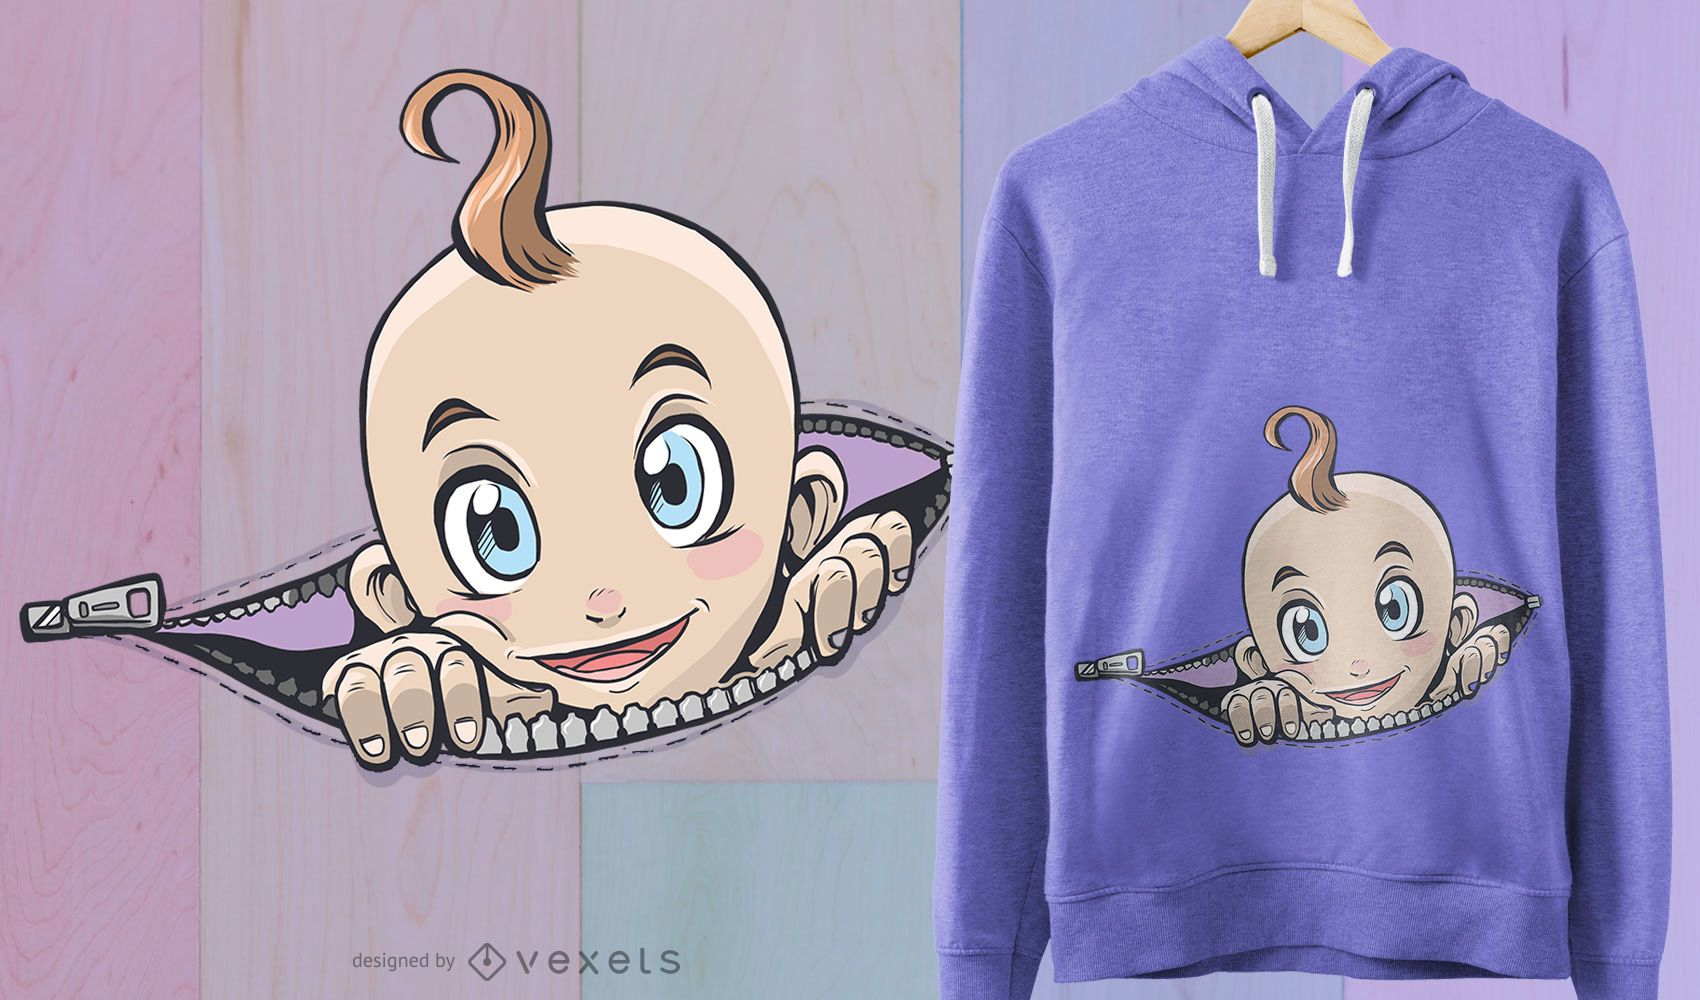 Dise?o de camiseta de beb? con cremallera